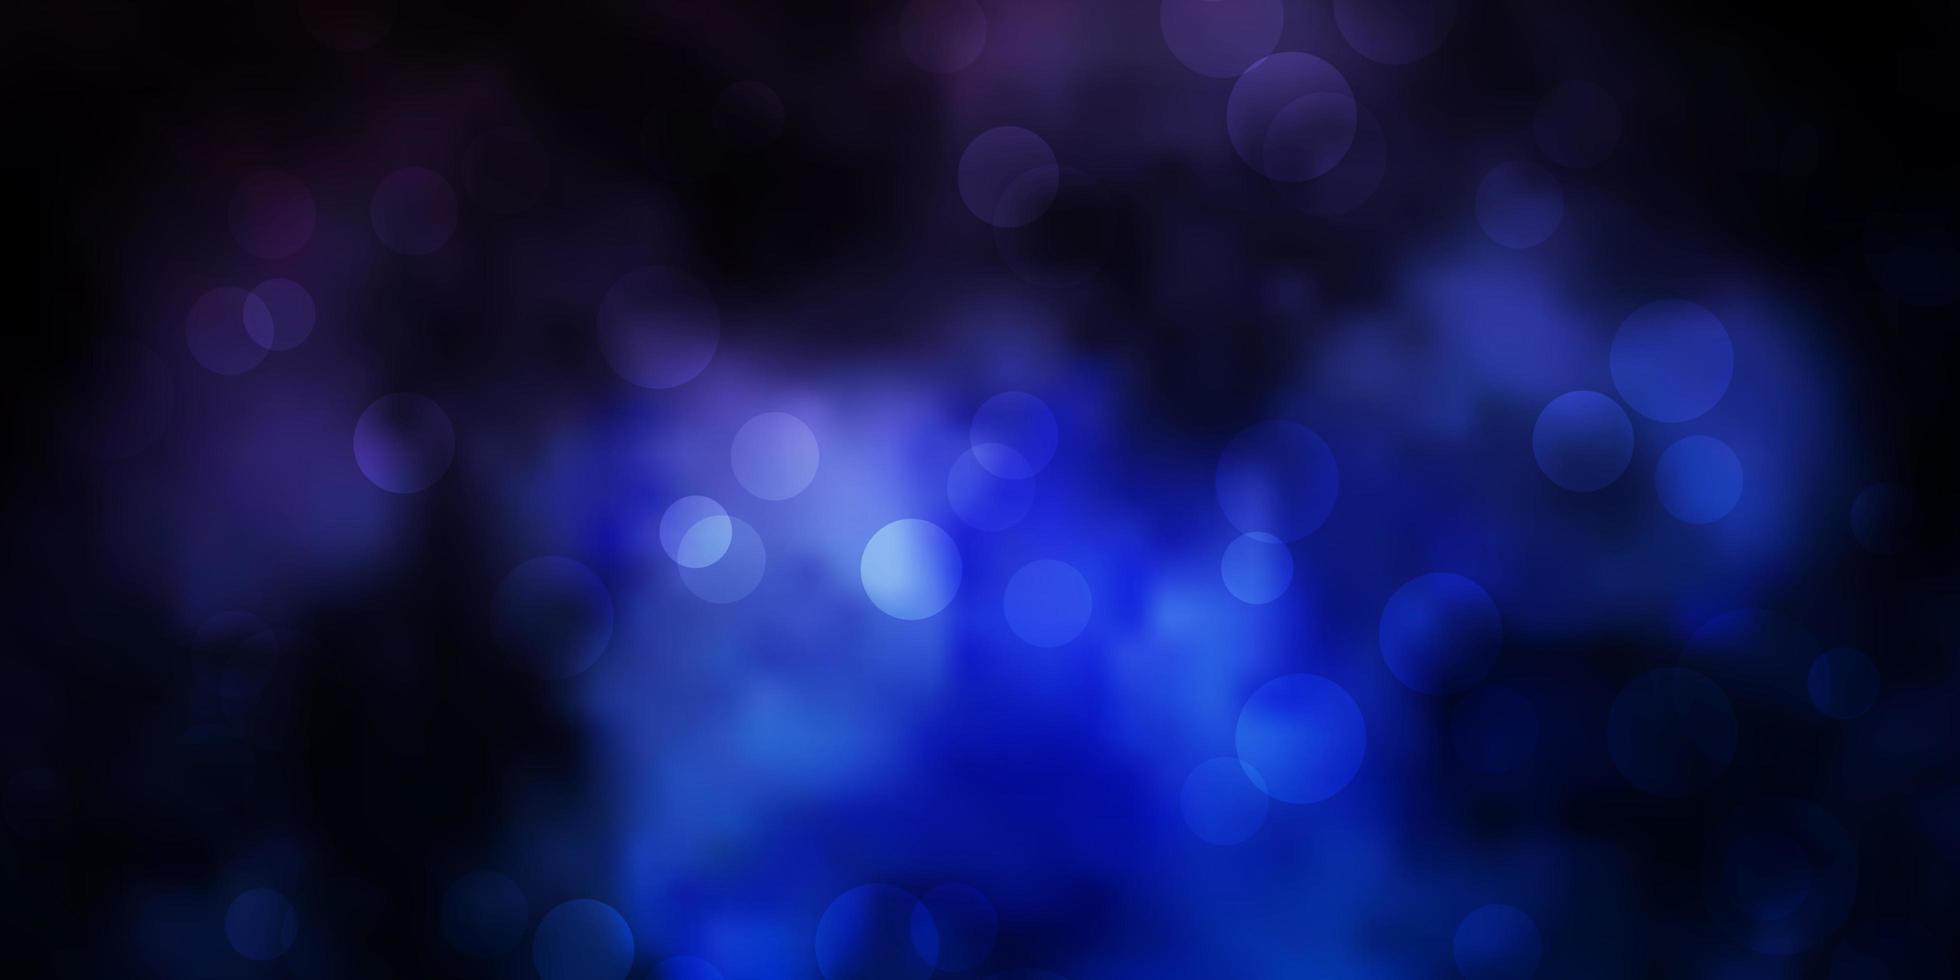 fundo vector azul escuro com manchas.